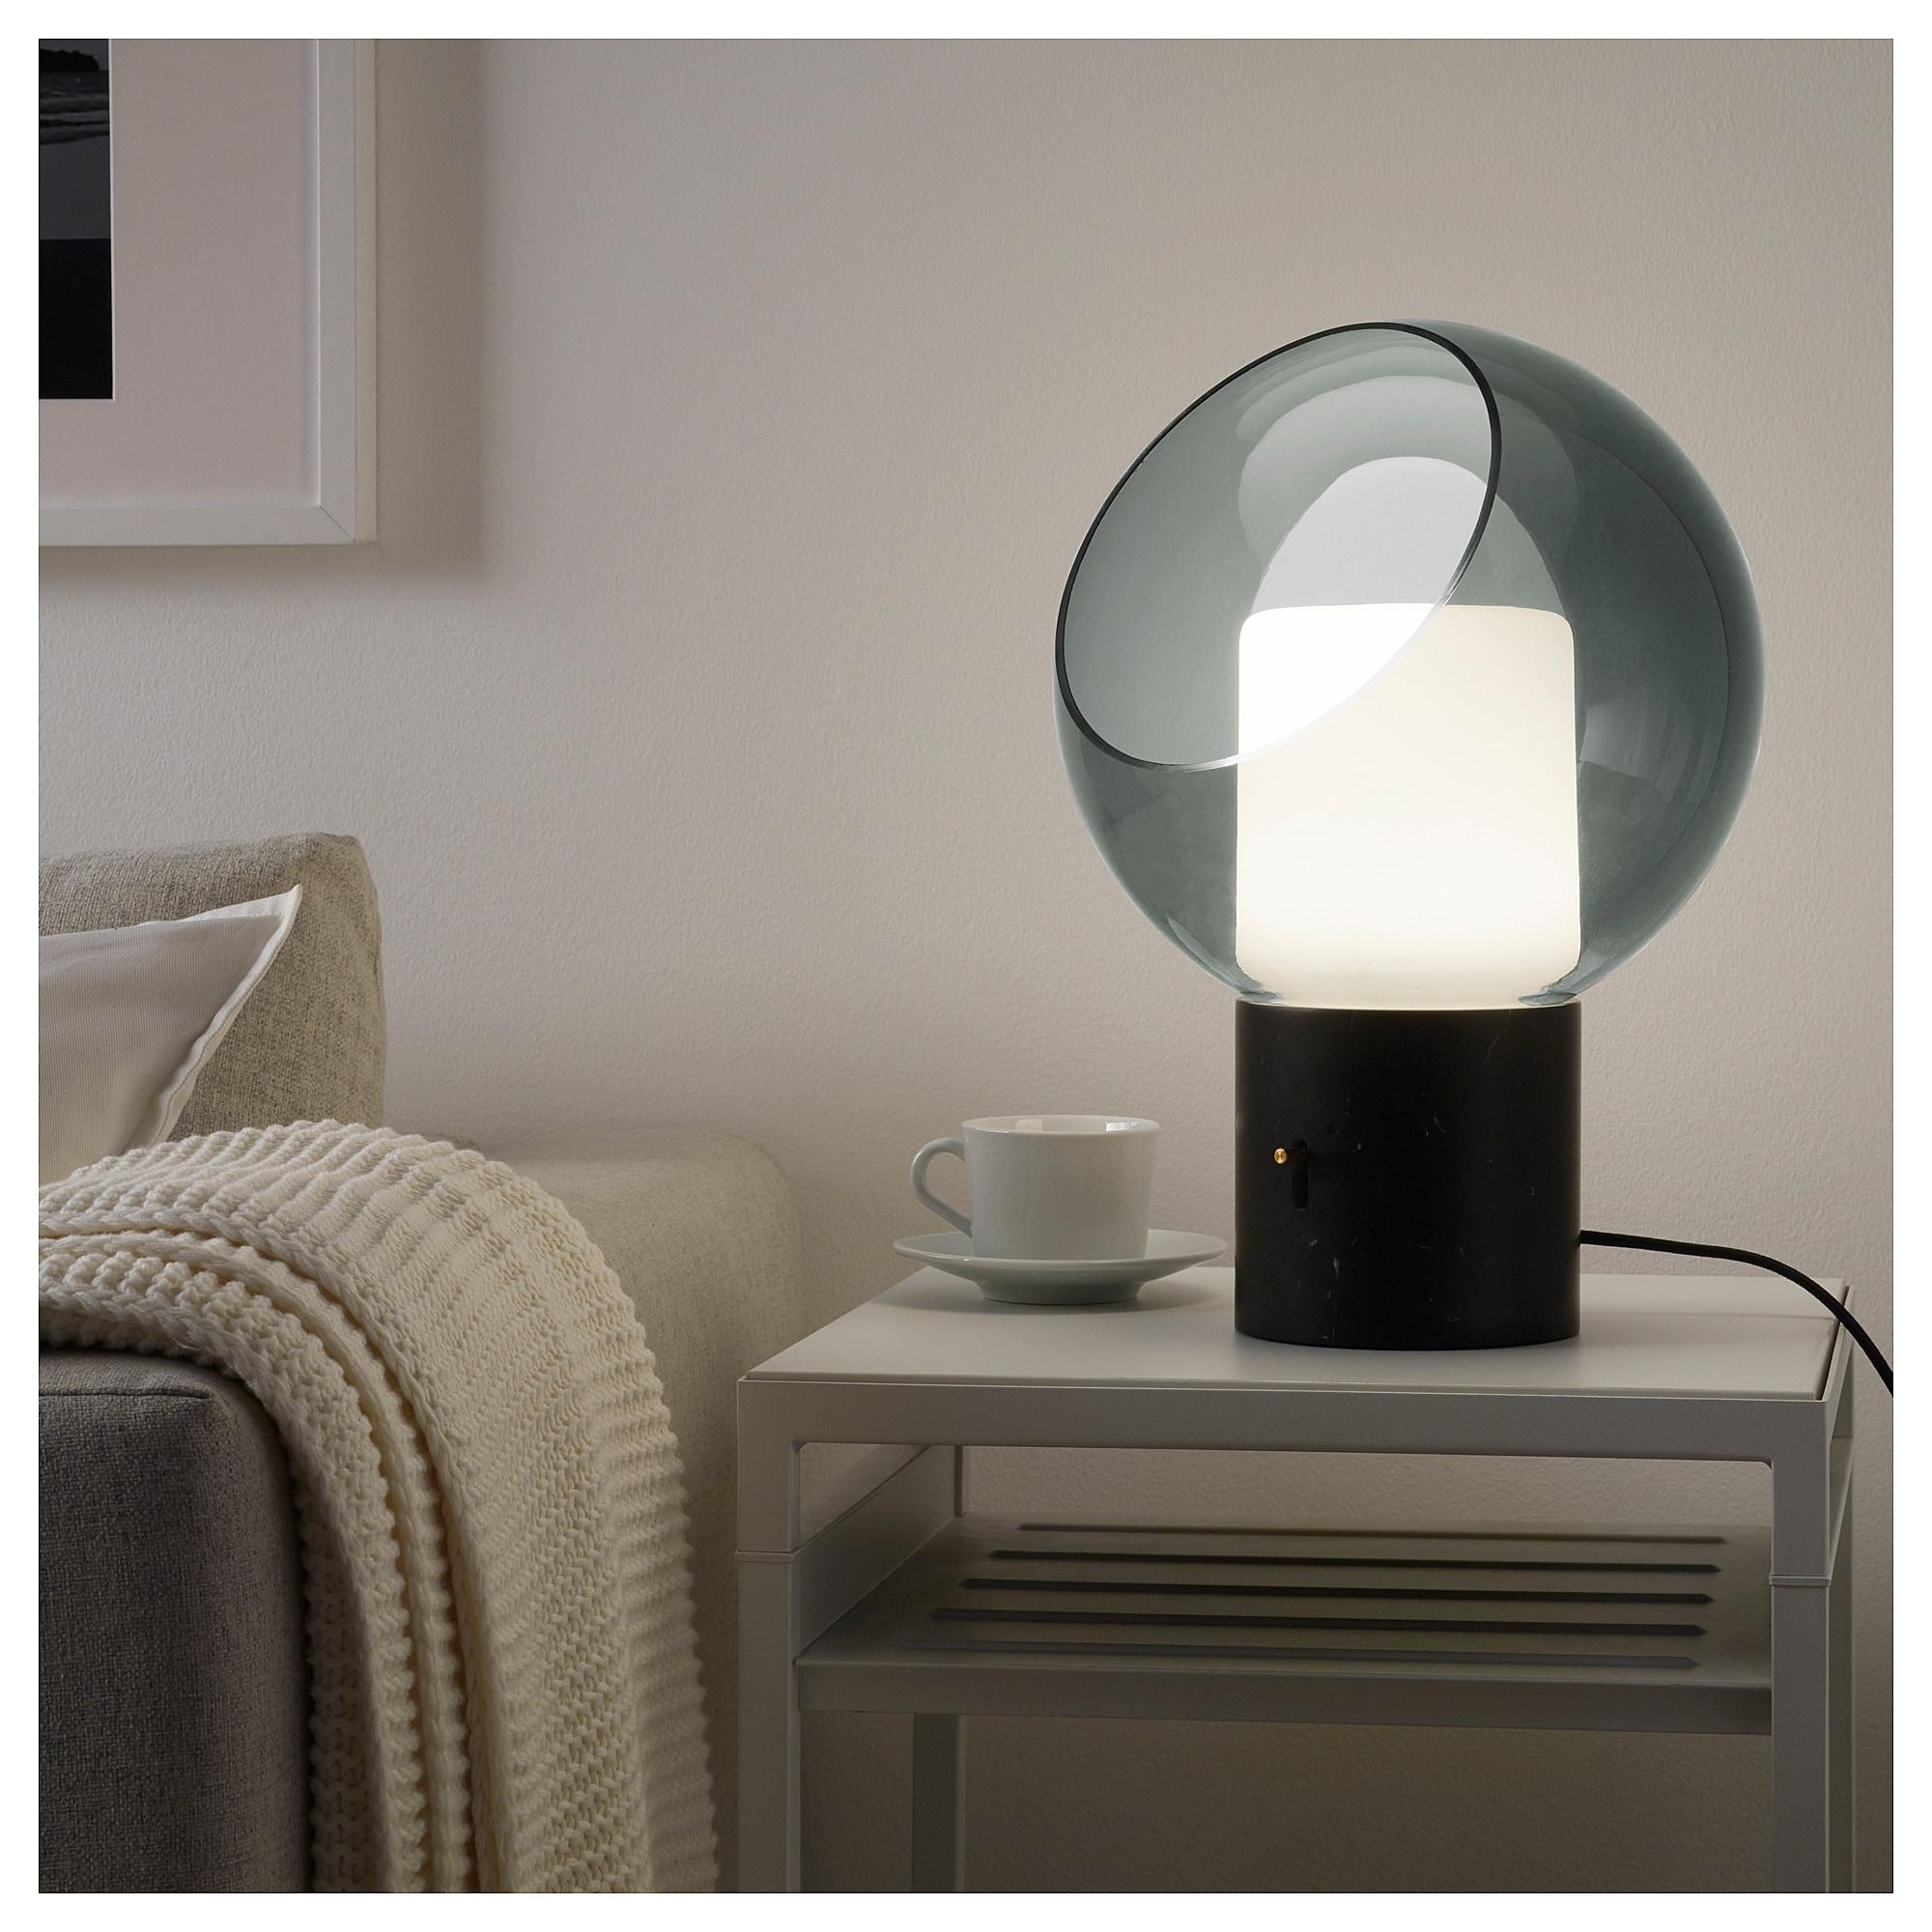 Evedal Bordslampa Marmor Gra Gra Klot Ikea Grey Table Lamps Table Lamp Lamp